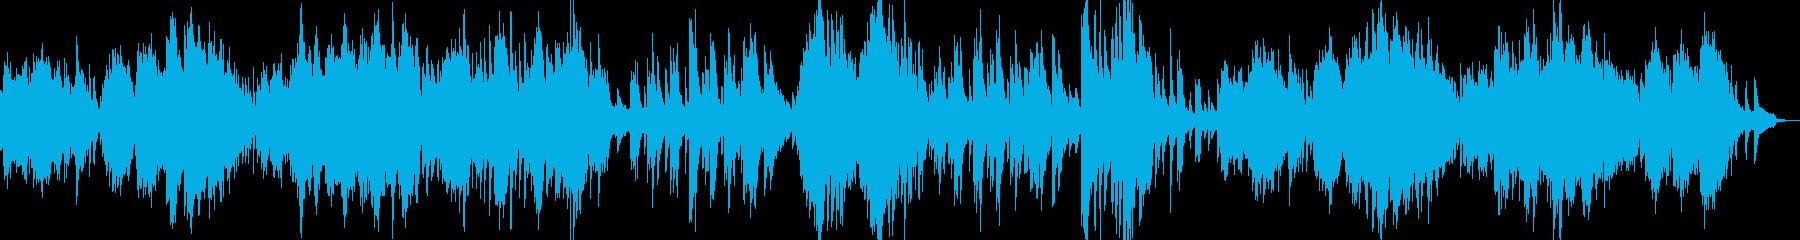 【ピアノソロ演奏】アラベスク第1番の再生済みの波形